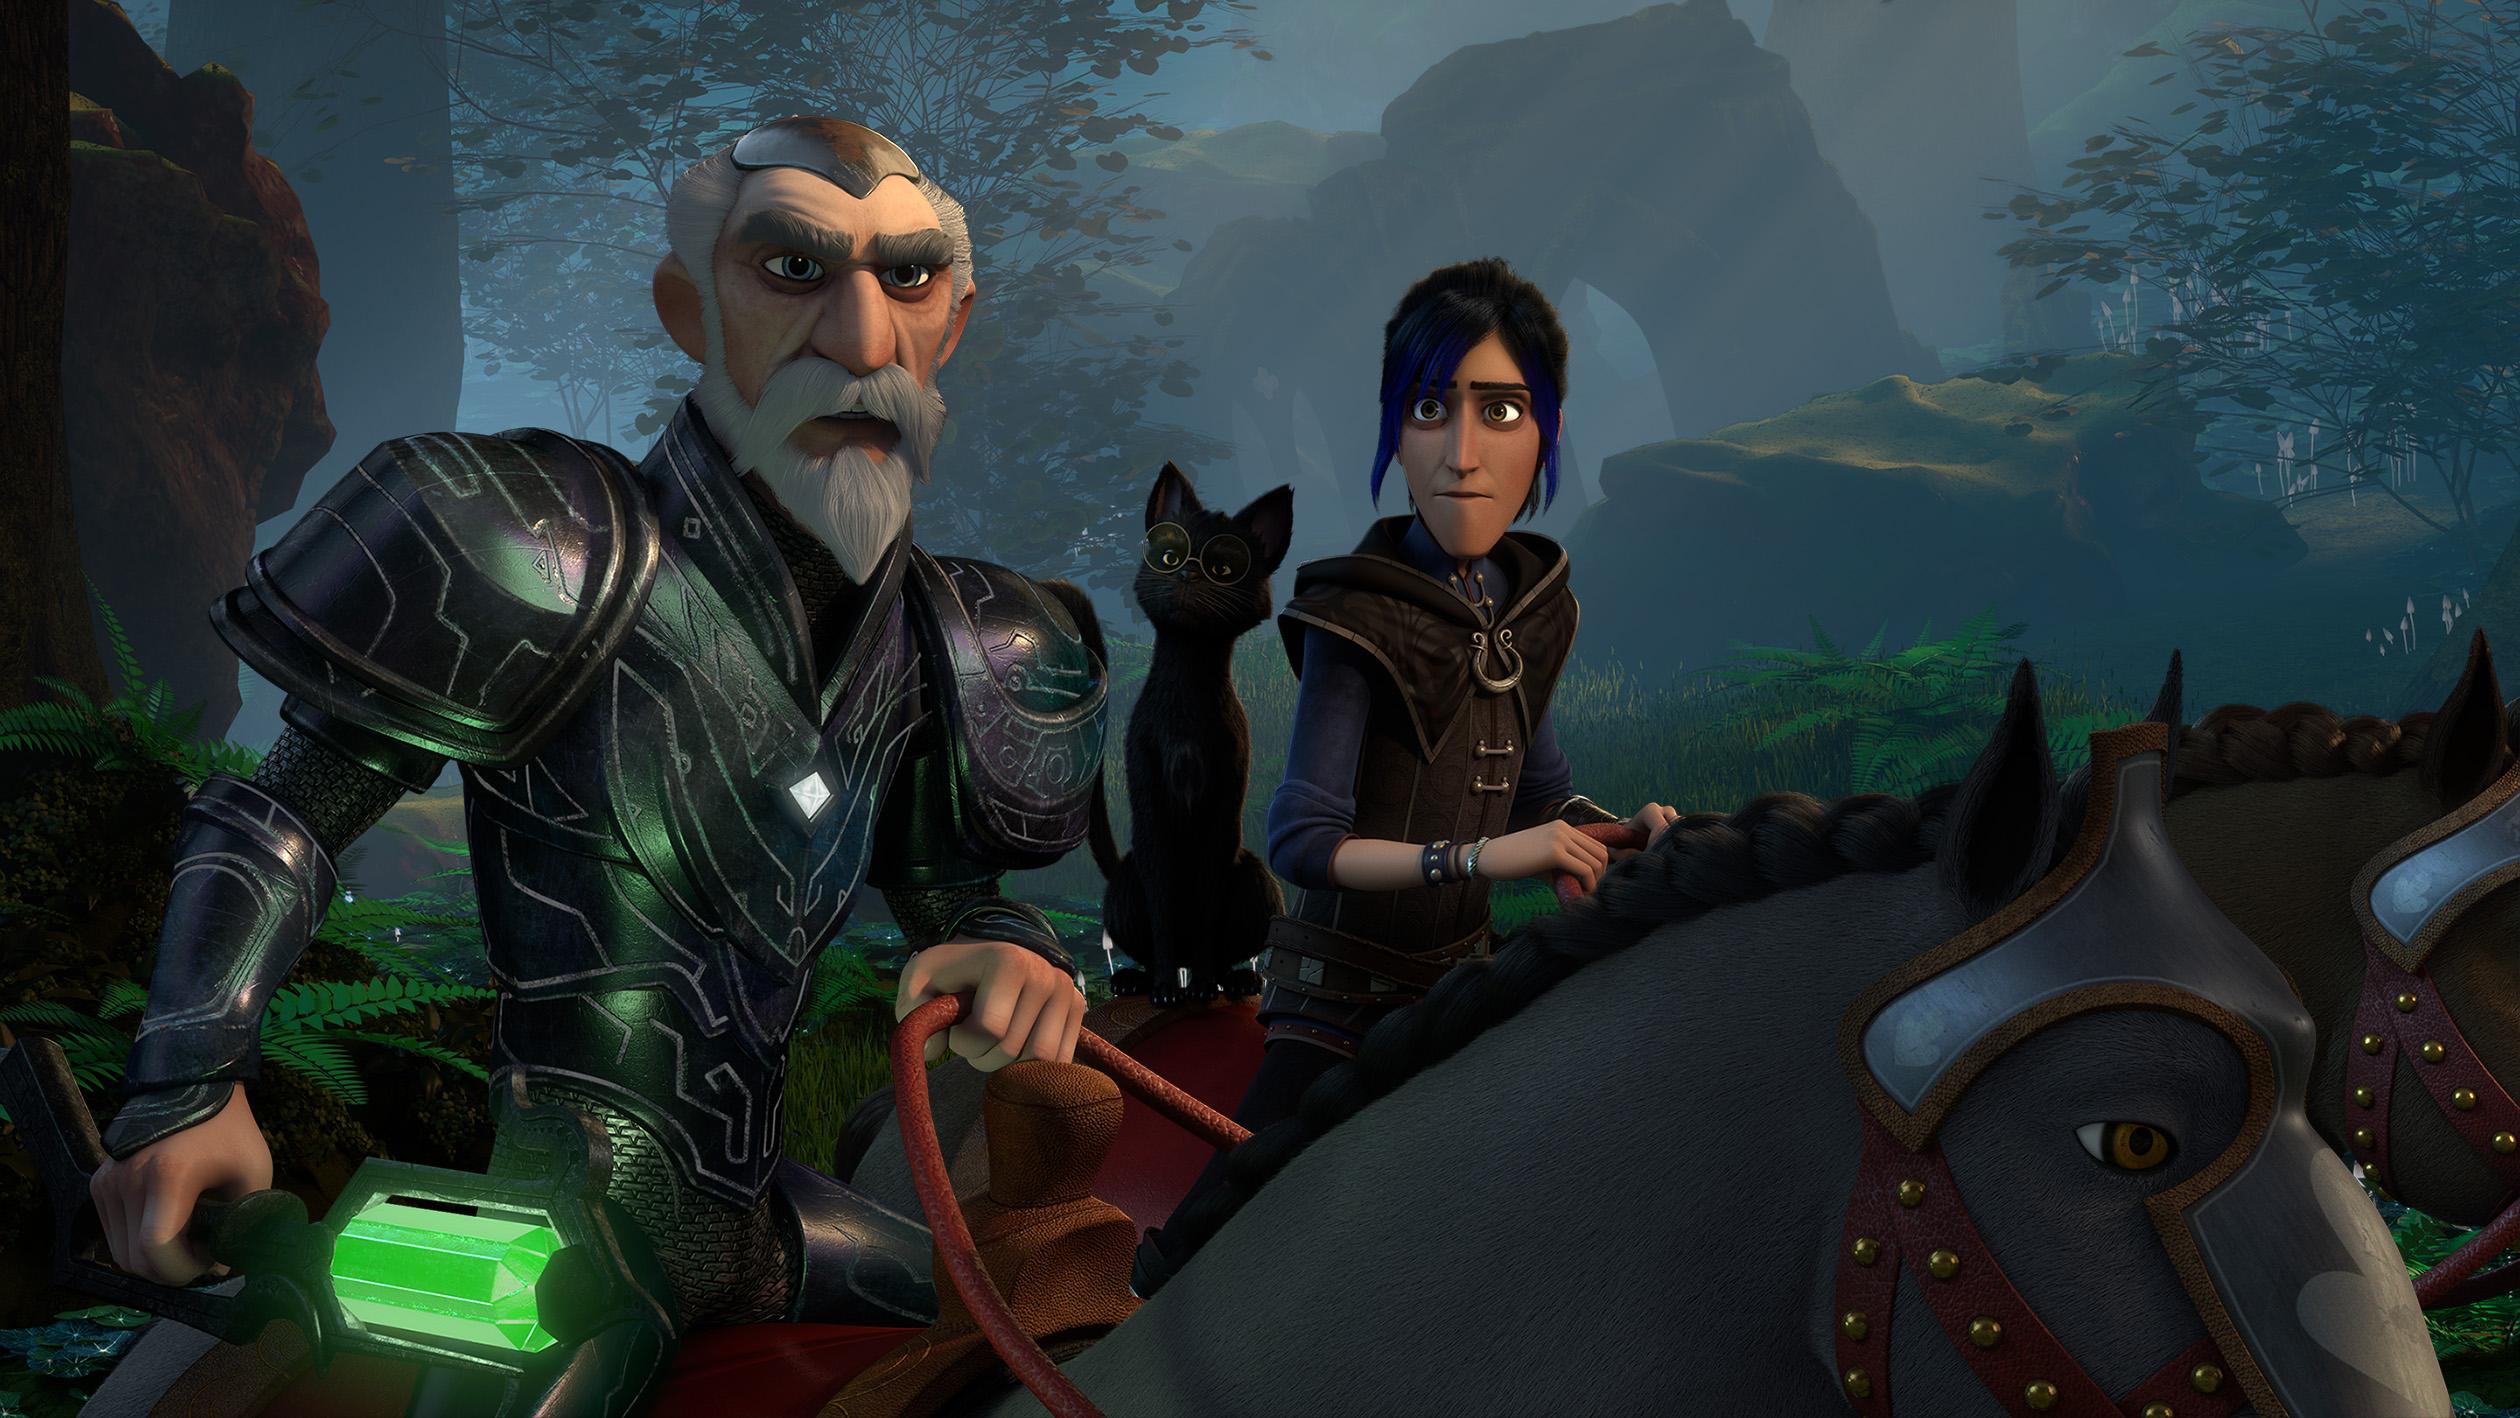 Первые кадры и дата выхода мультсериала «Волшебники» —спин-оффа «Охотников на троллей»